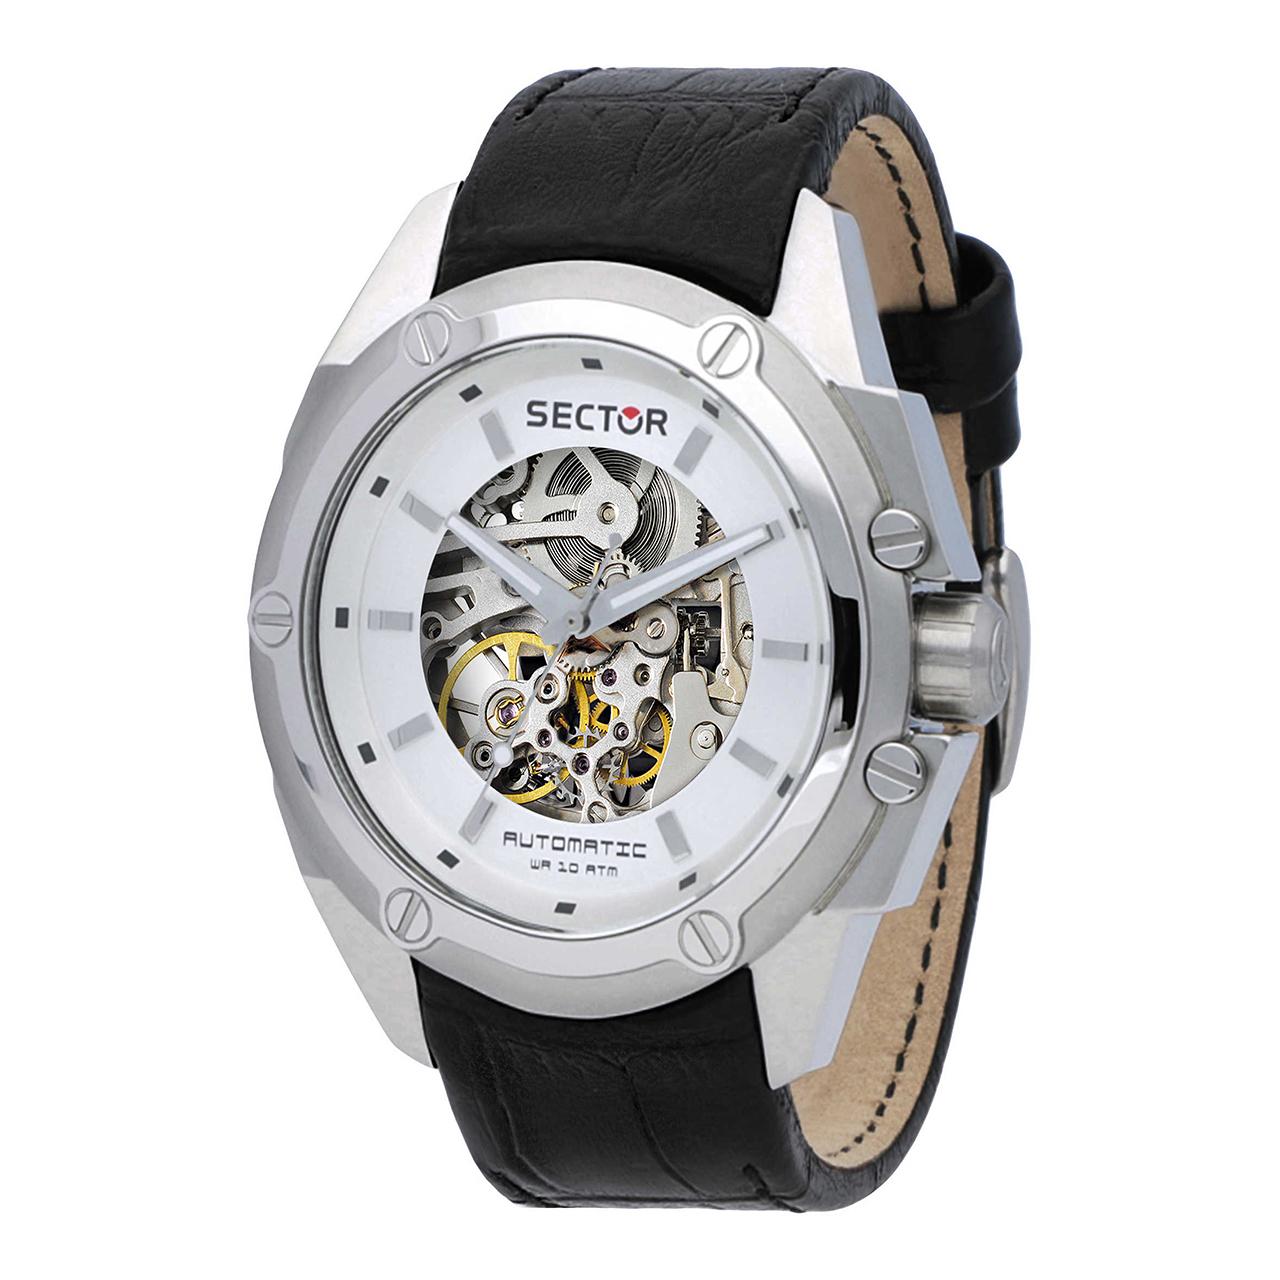 ساعت مچی عقربه ای مردانه سکتور مدل 3221581001